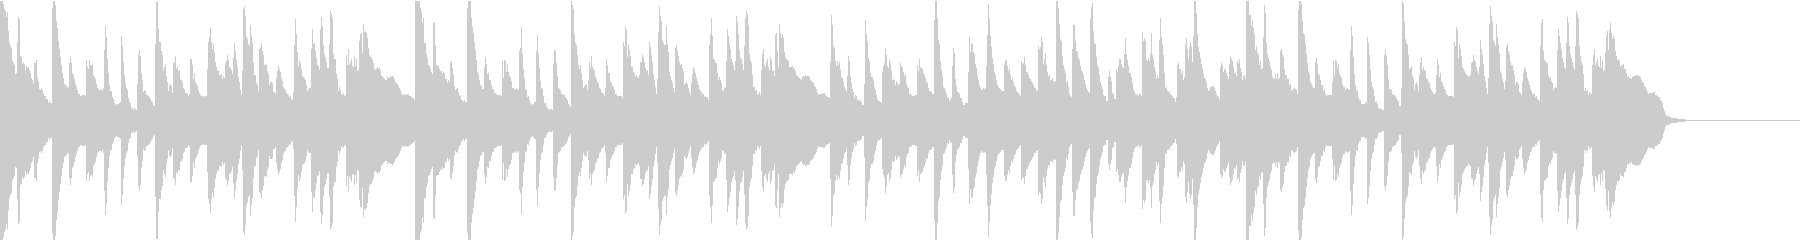 悲しいシーンのクラシックなBGMの未再生の波形